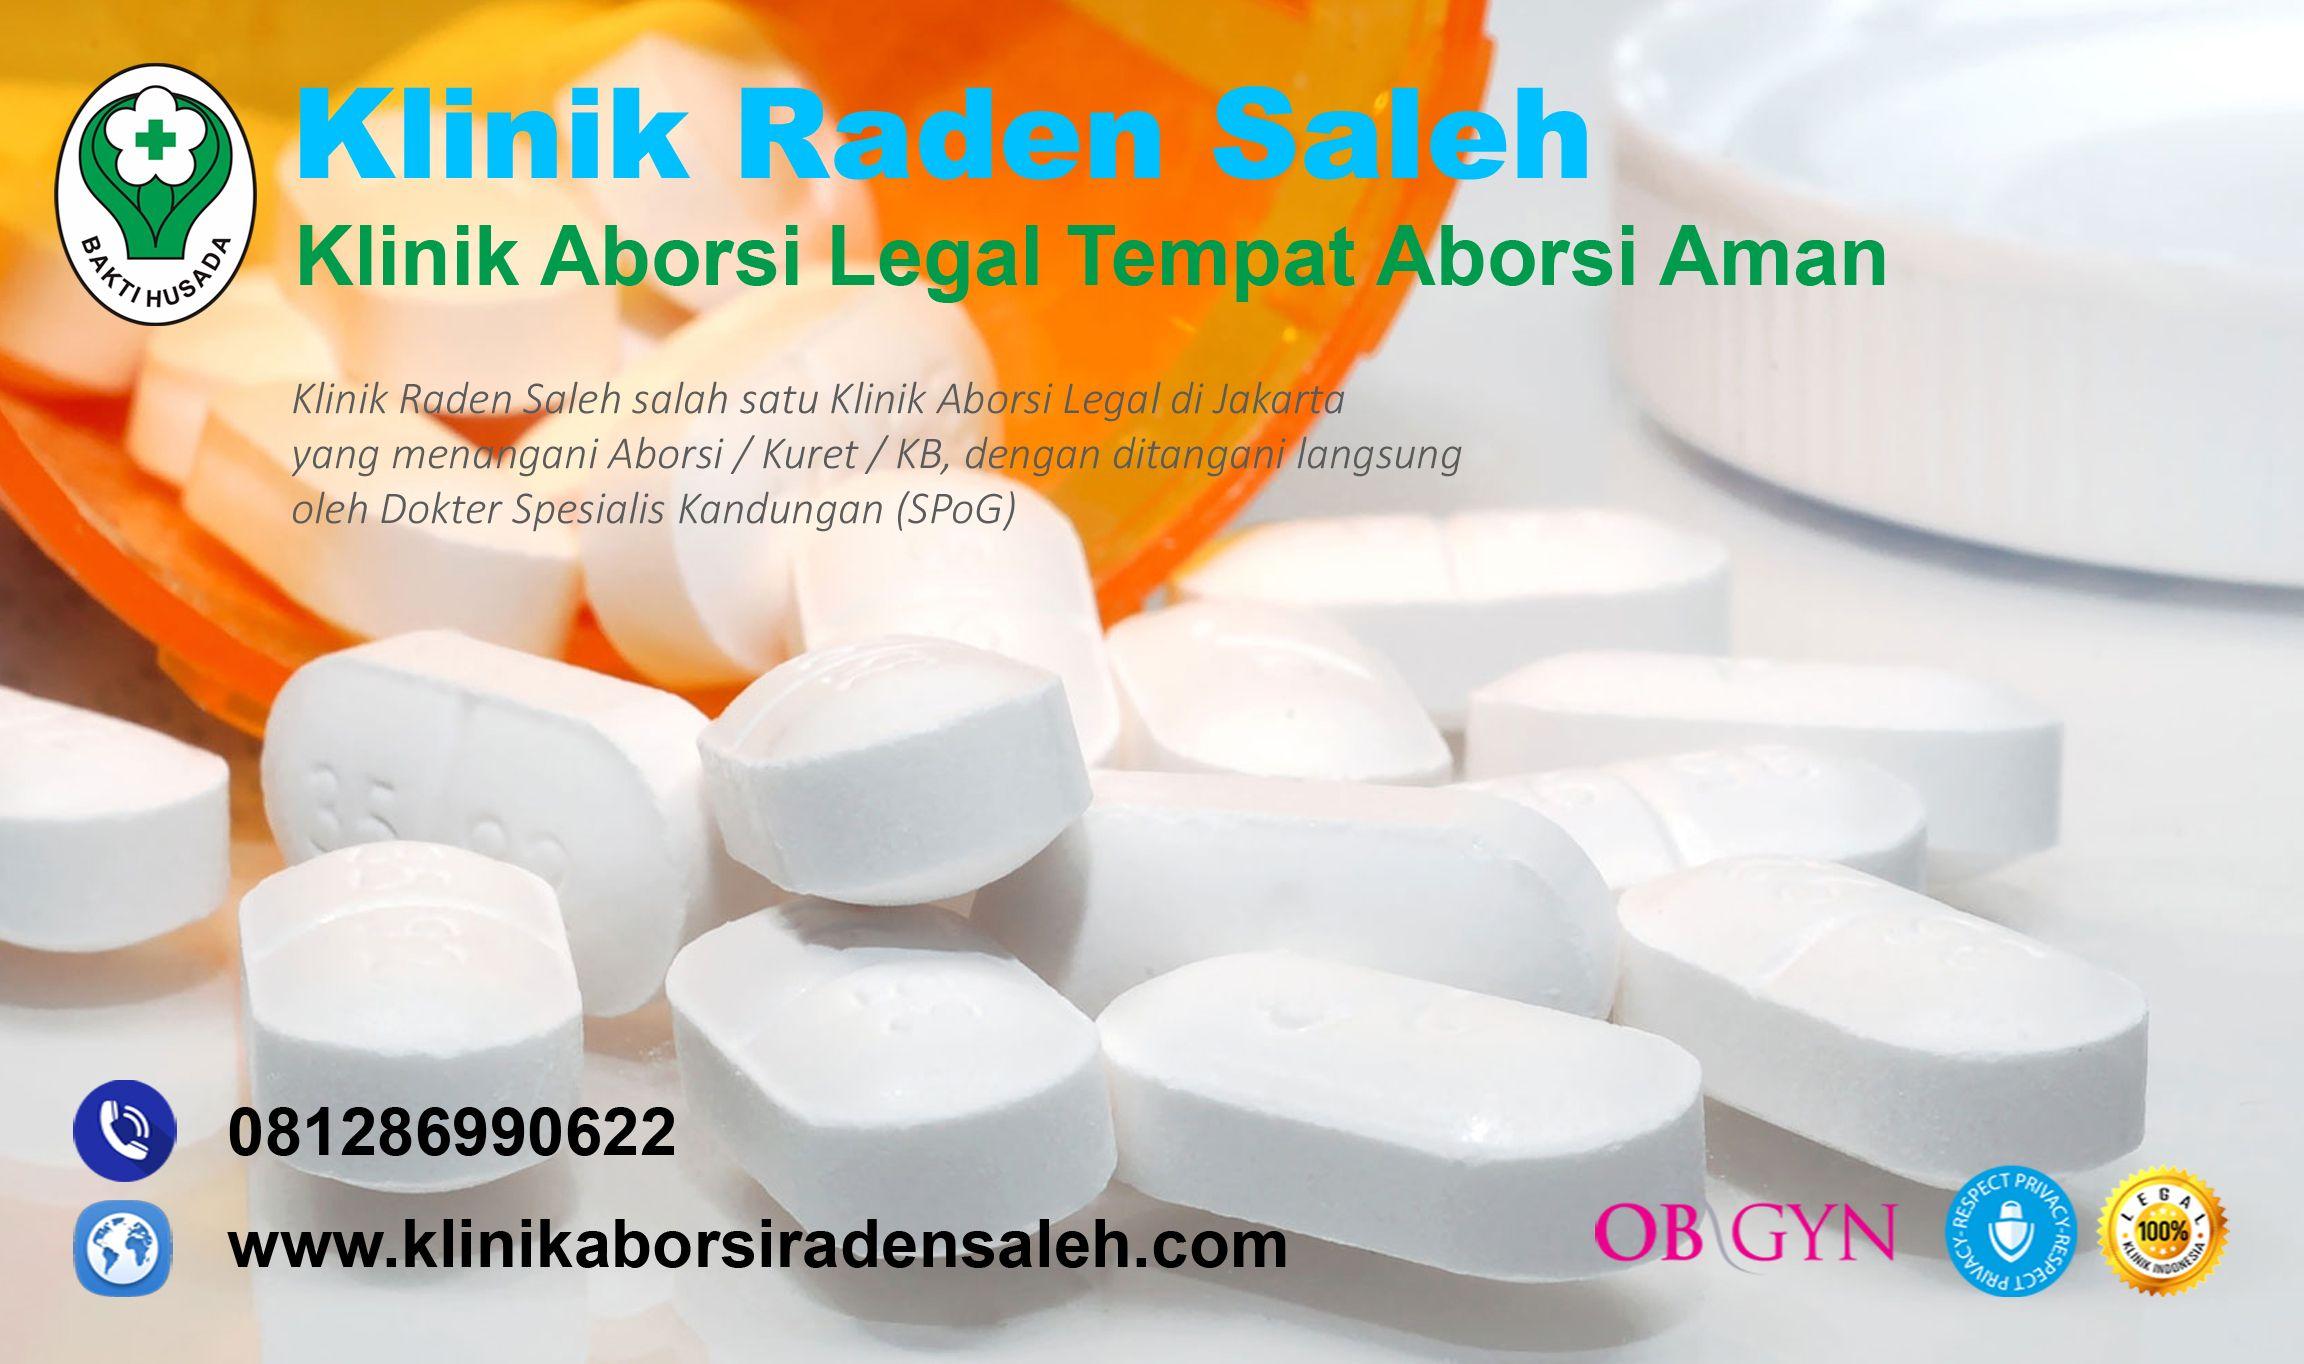 Klinik Raden Saleh Merupakan Klinik Aborsi Untuk Menggugurkan Kandungan Bertempat Di Jakarta Yang Bertanggung Jawab Penuh Dalam Tindakan A Medis Dokter Pelayan